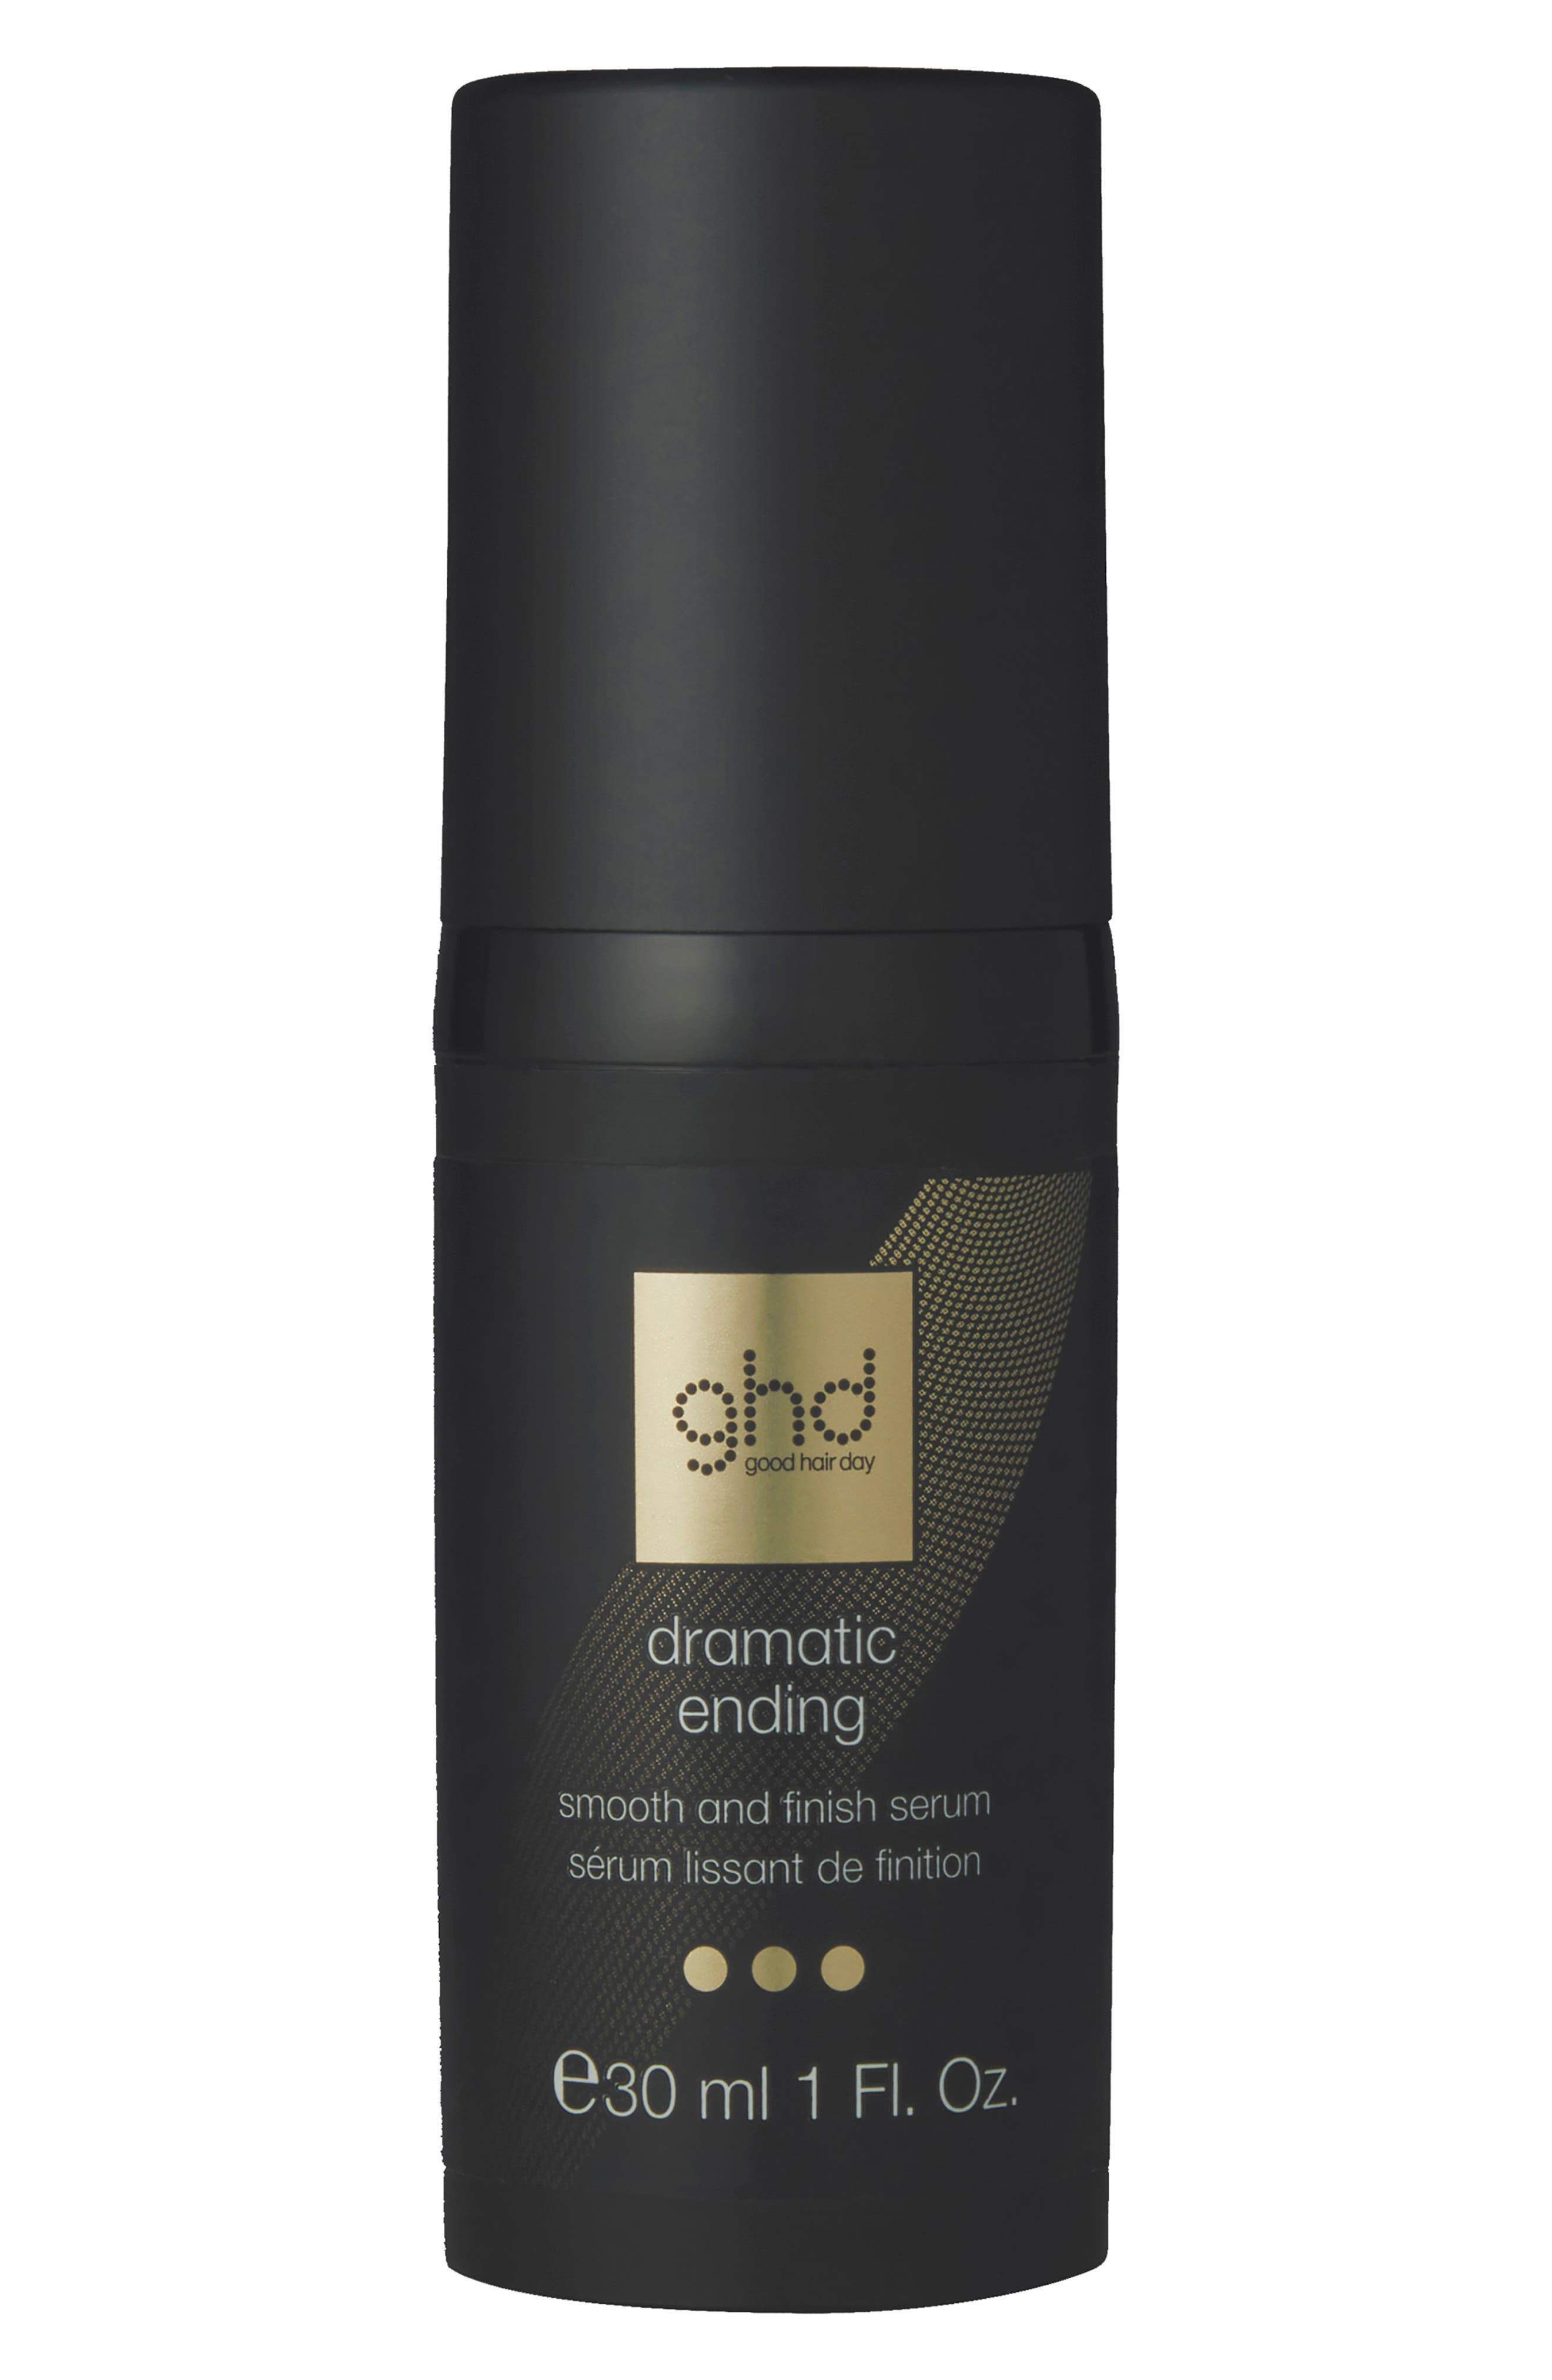 Dramatic Ending Smooth & Finish Hair Serum